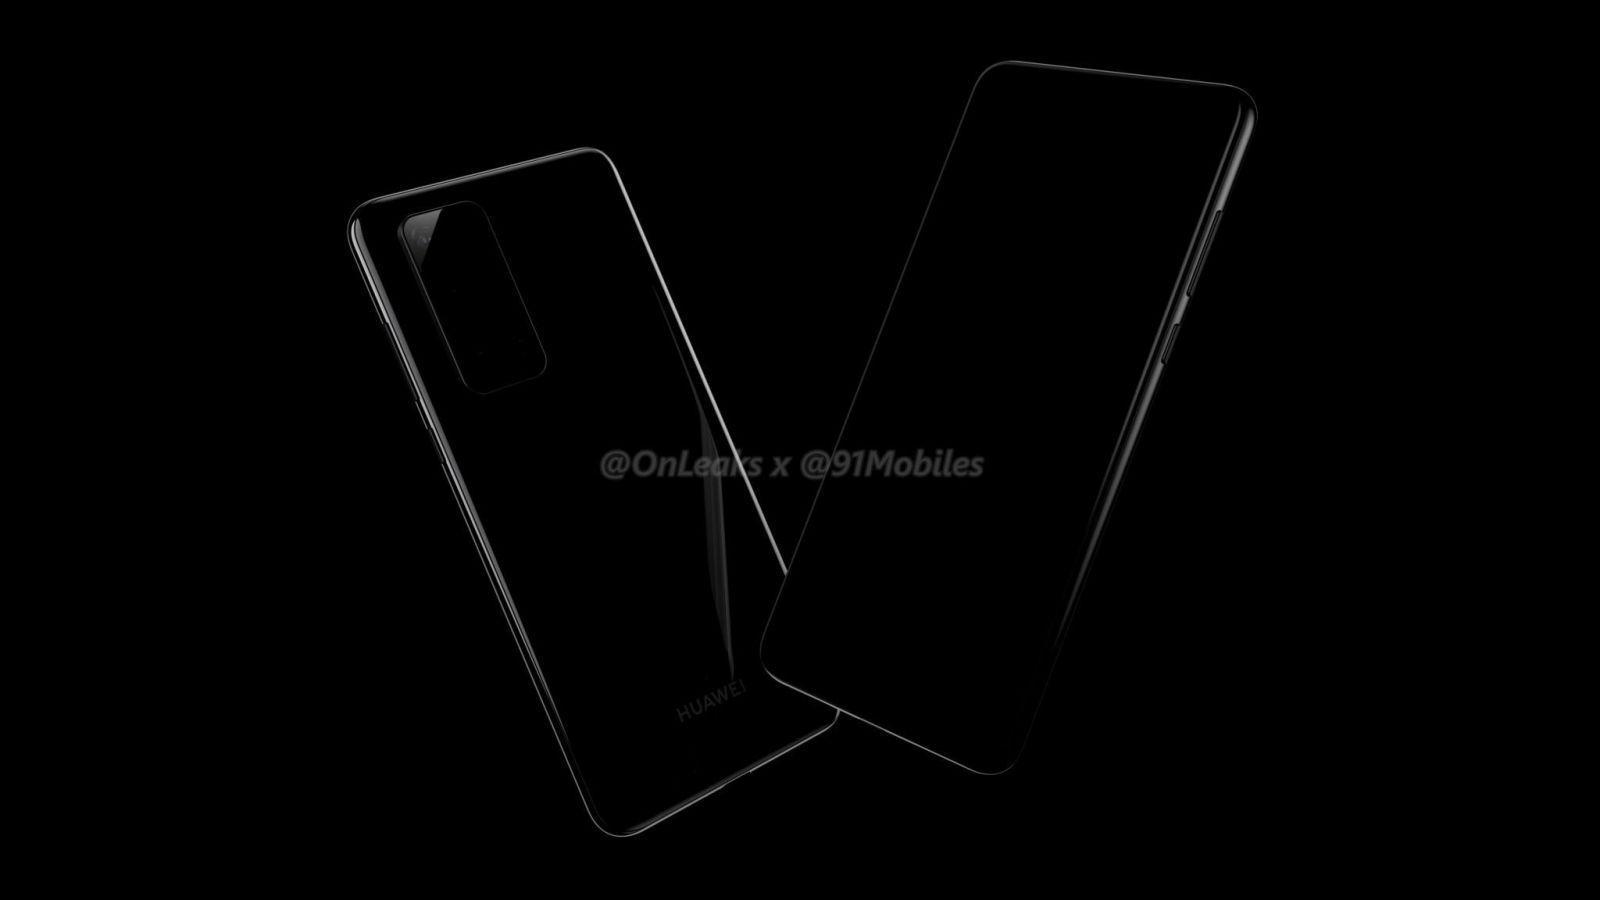 Раскрыта стоимость смартфонов Huawei P40 и P40 Pro (01)